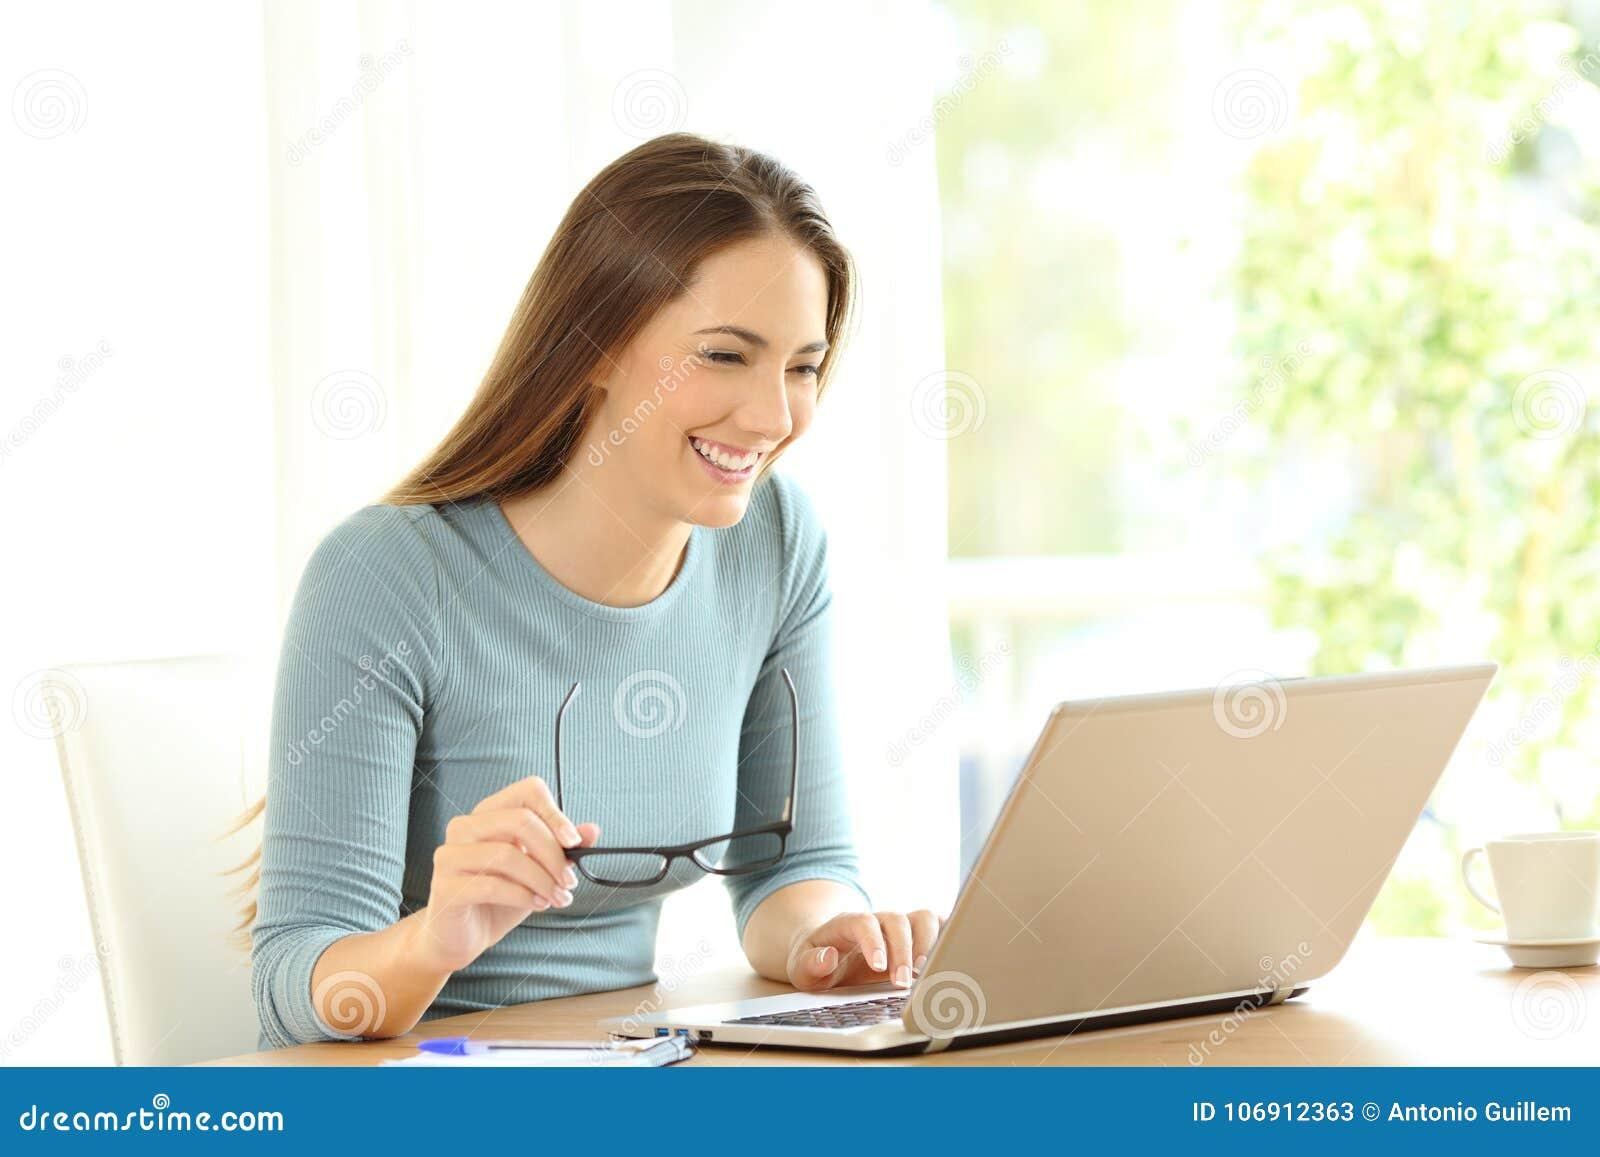 Kobieta wyszukuje na linii zawartości w laptopie